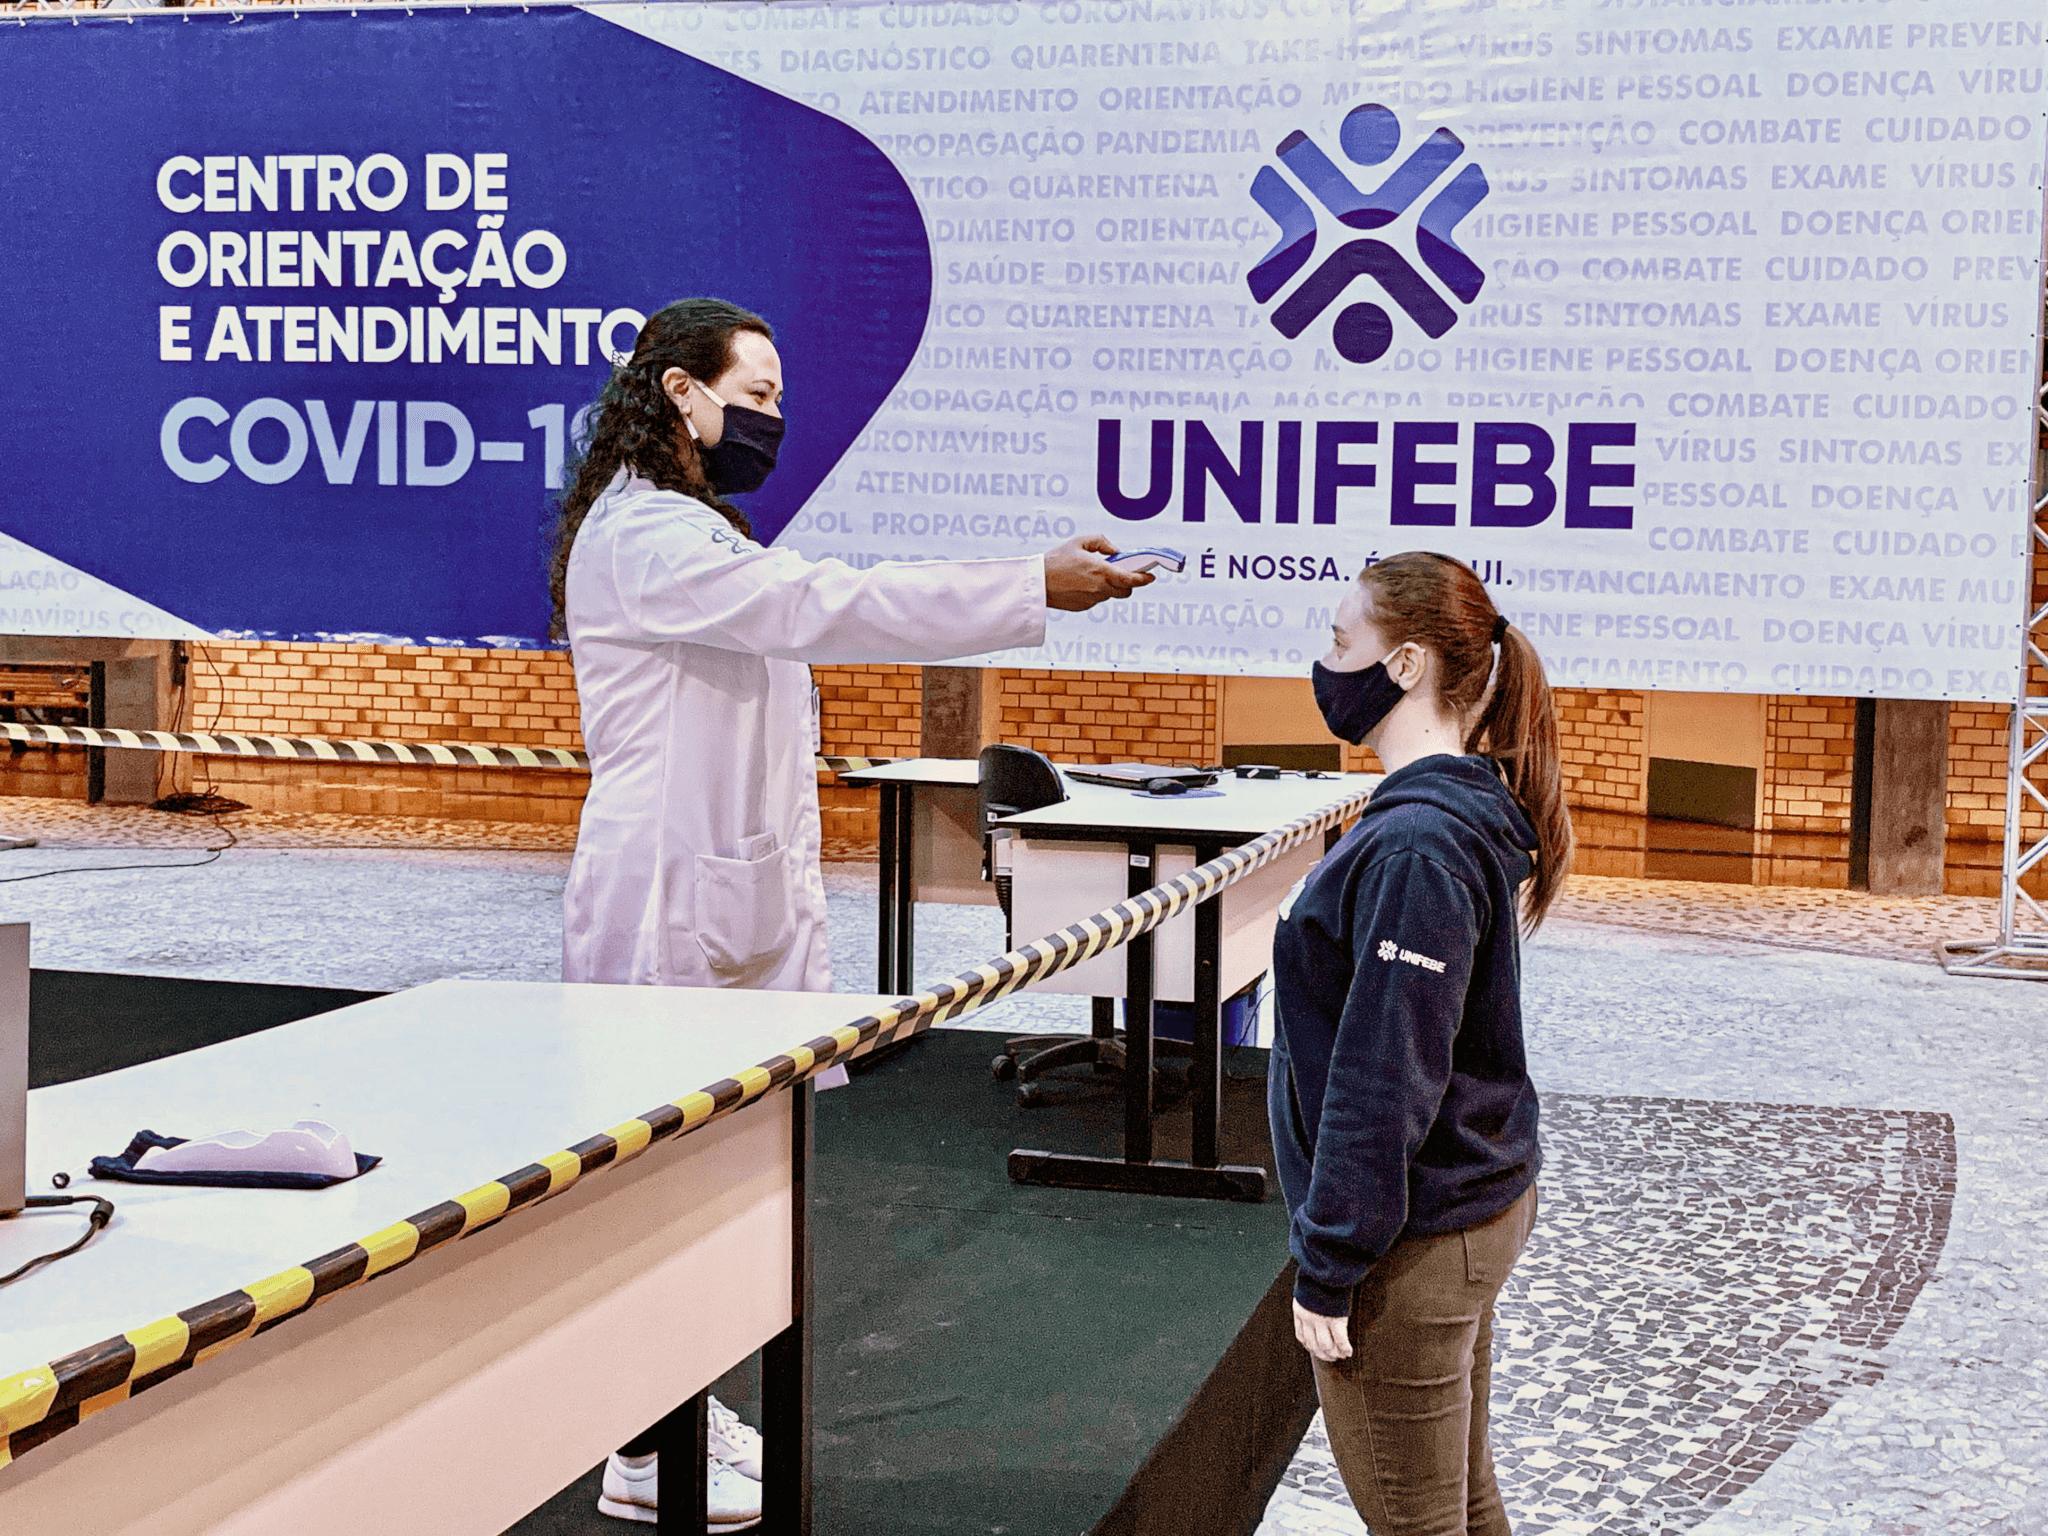 UNIFEBE cria 1º Centro de Orientação e Atendimento COVID-19 para universitários do estado